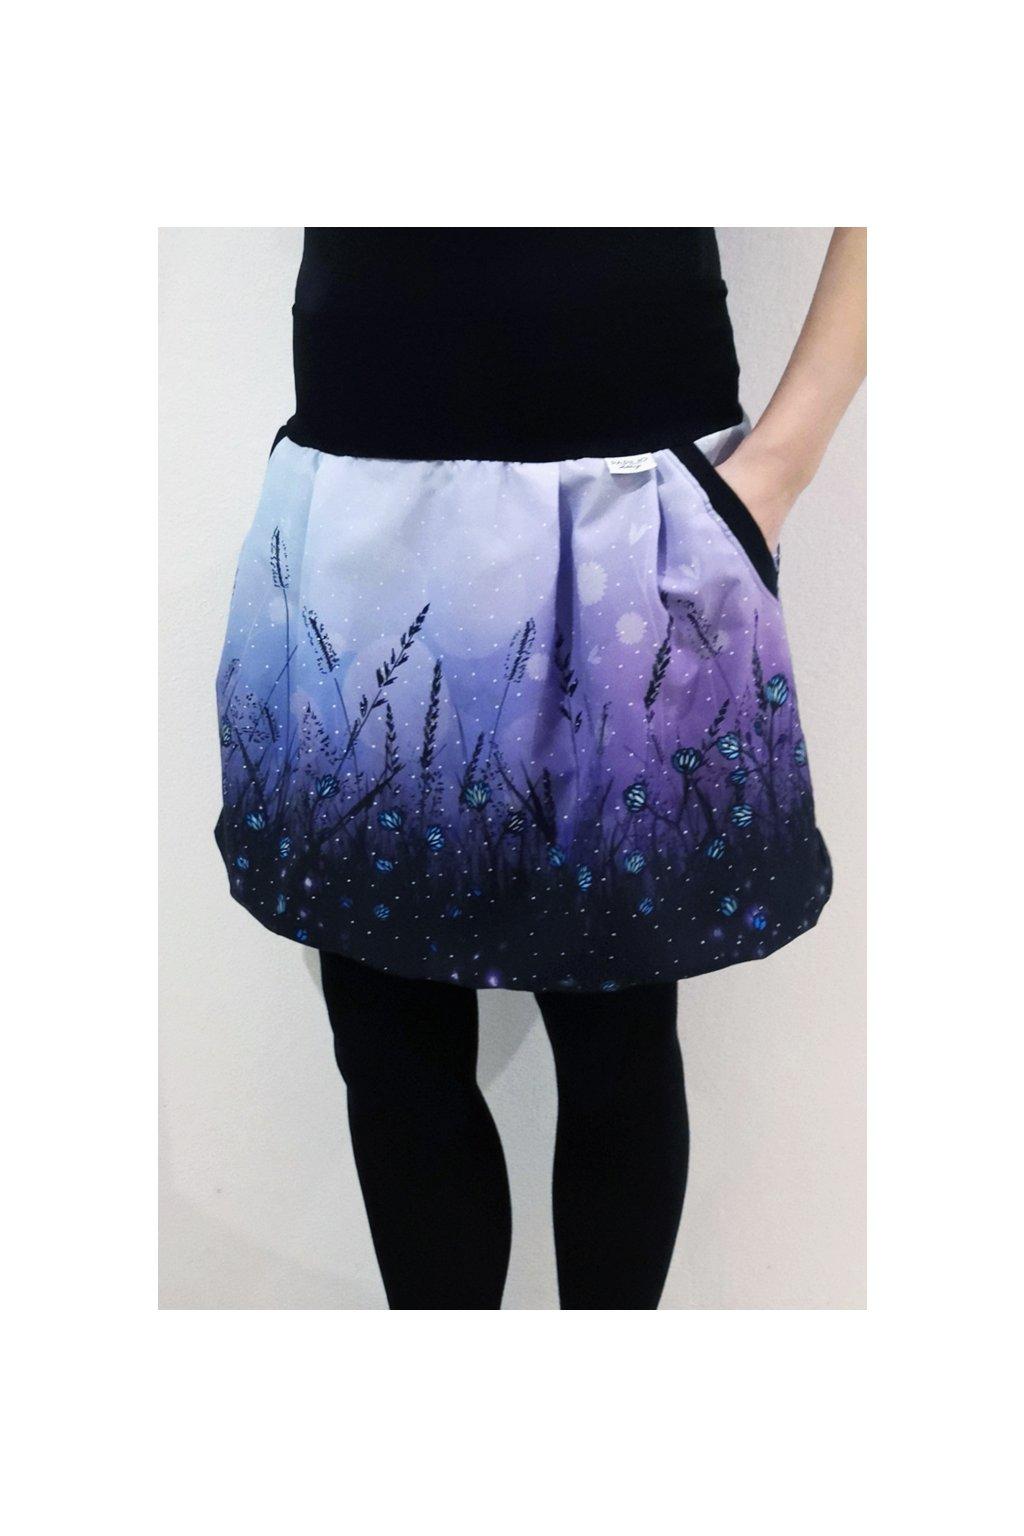 SKLADEM - Balonová sukně Jaro, fialová | micropeach